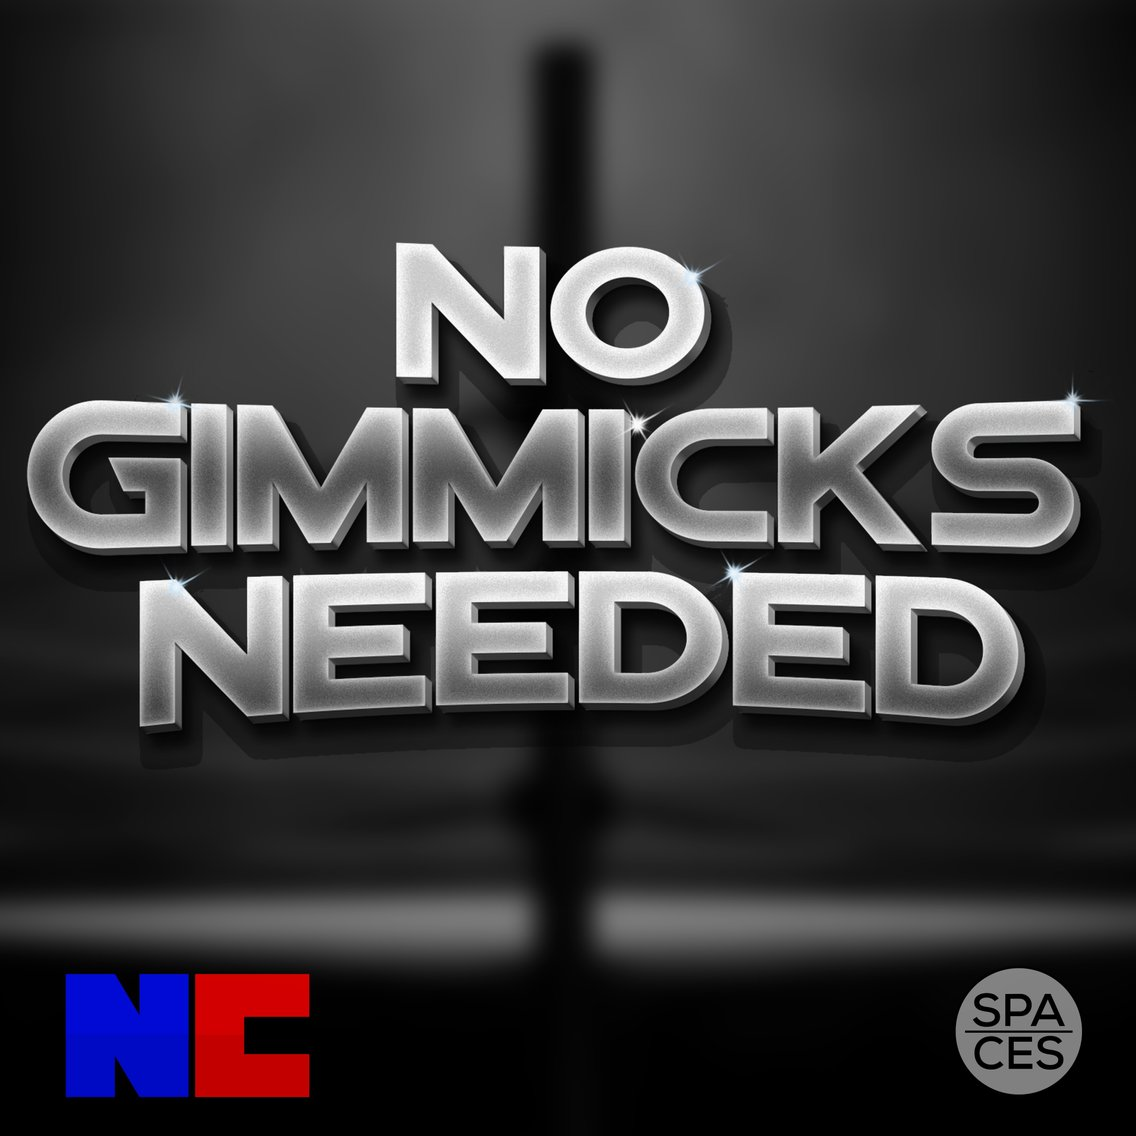 No Gimmicks Needed - immagine di copertina